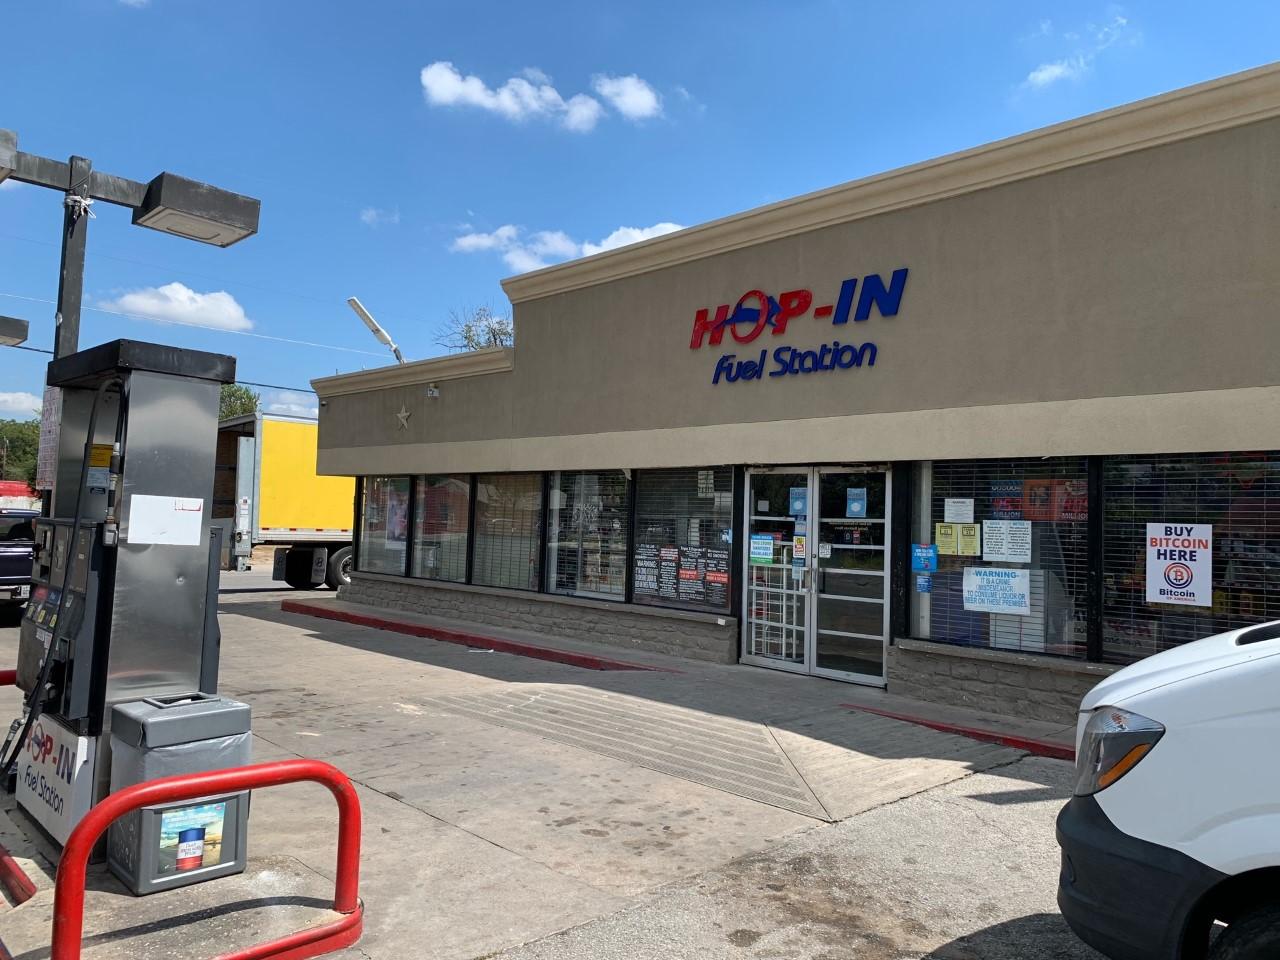 HOP-IN Fuel Station